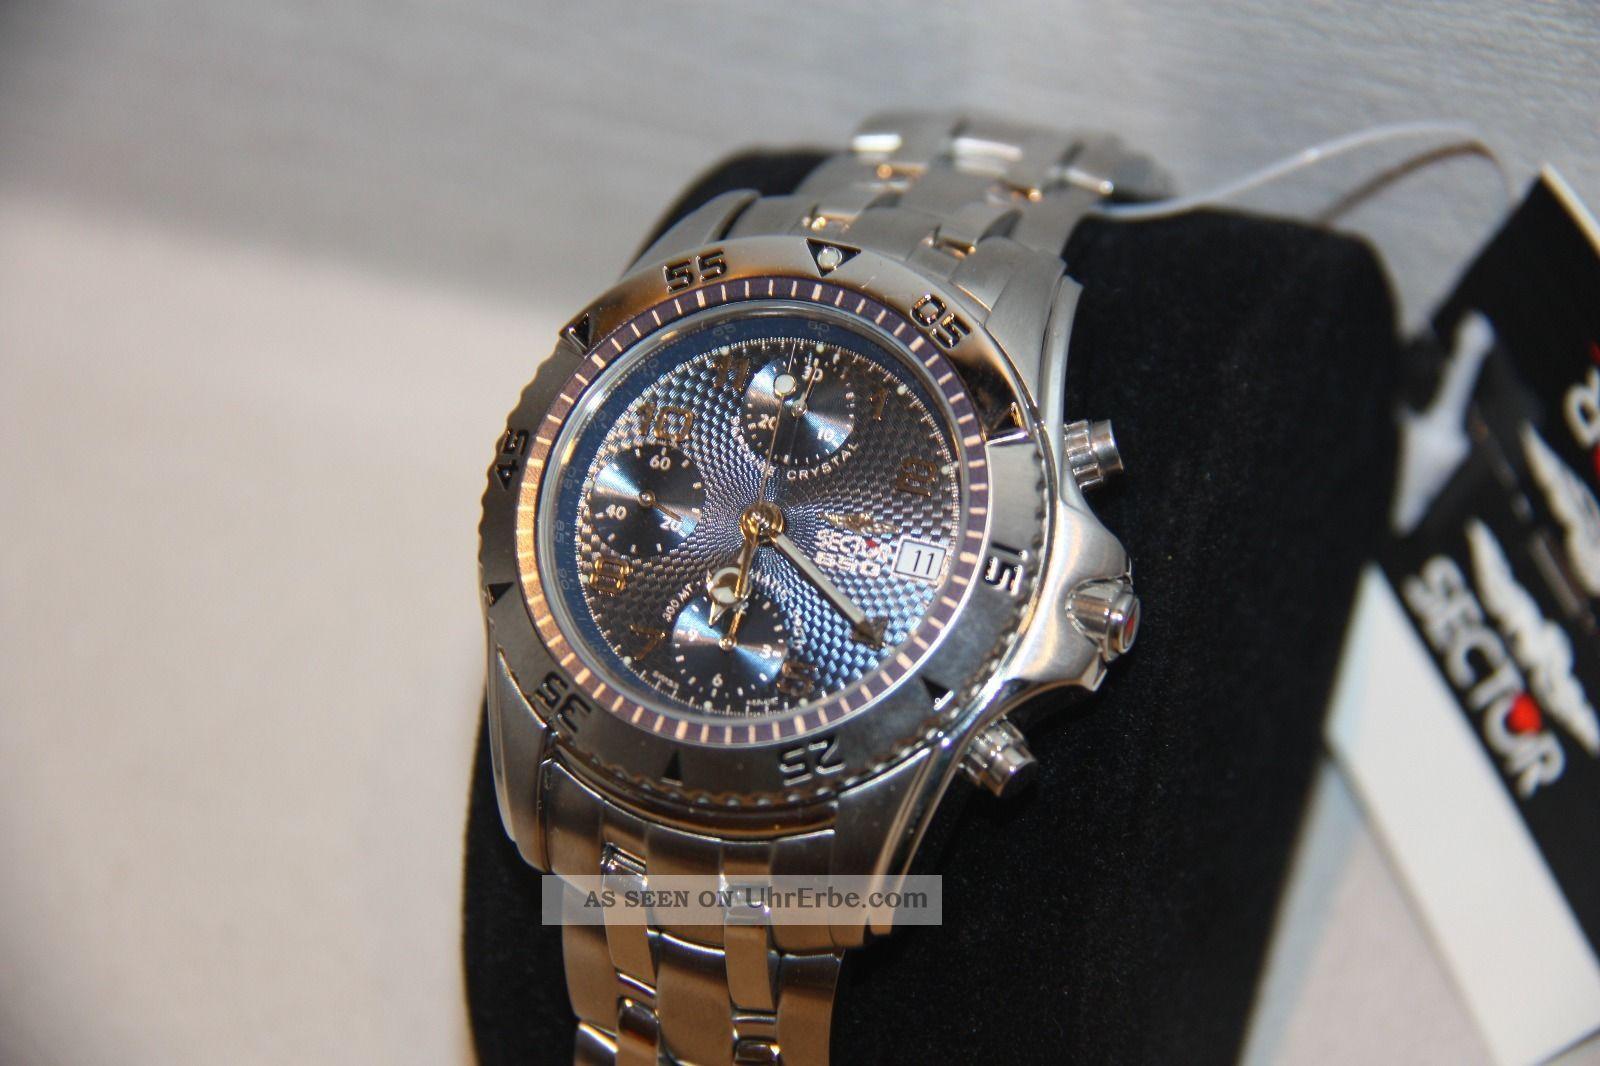 Sector 650 Automatic Chronograph Uhrwerk Valijoux 7750 Und Ungetragen Armbanduhren Bild